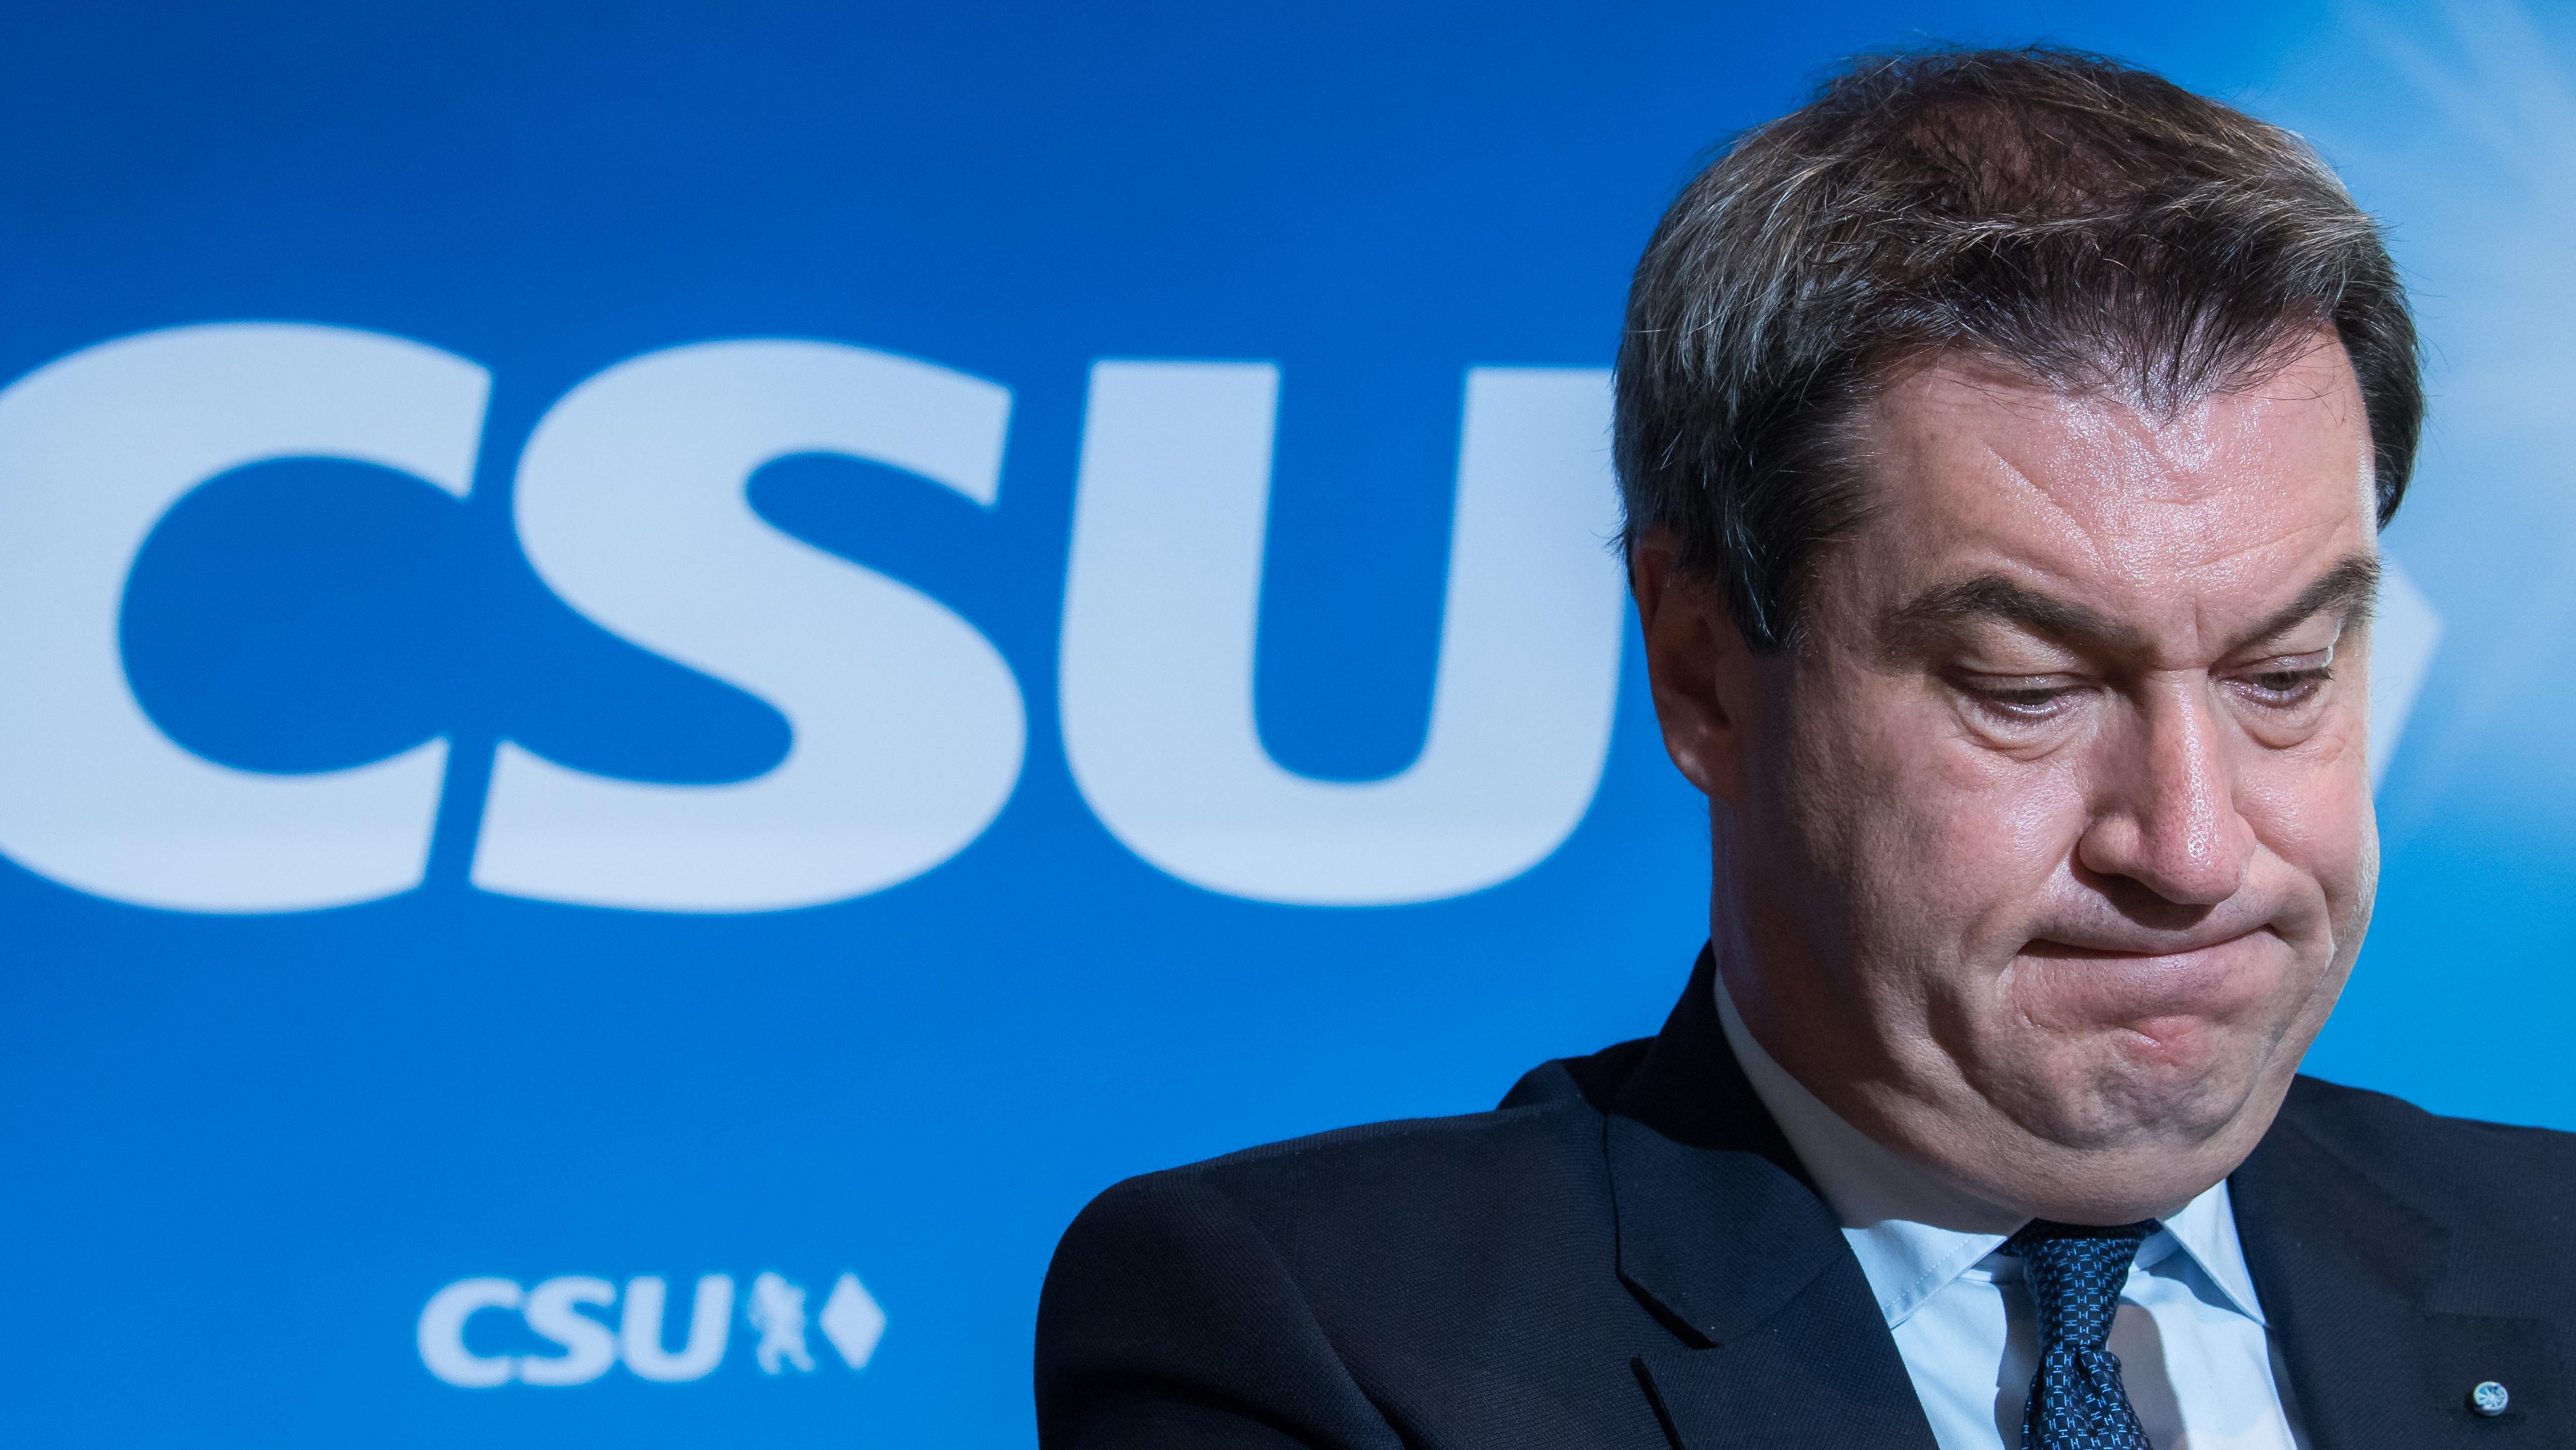 Kontrovers-BayernTrend Nur noch 42 Prozent der Wähler in Bayern halten Markus Söder für einen guten Ministerpräsidenten, 44 Prozent sehen ihn kritisch